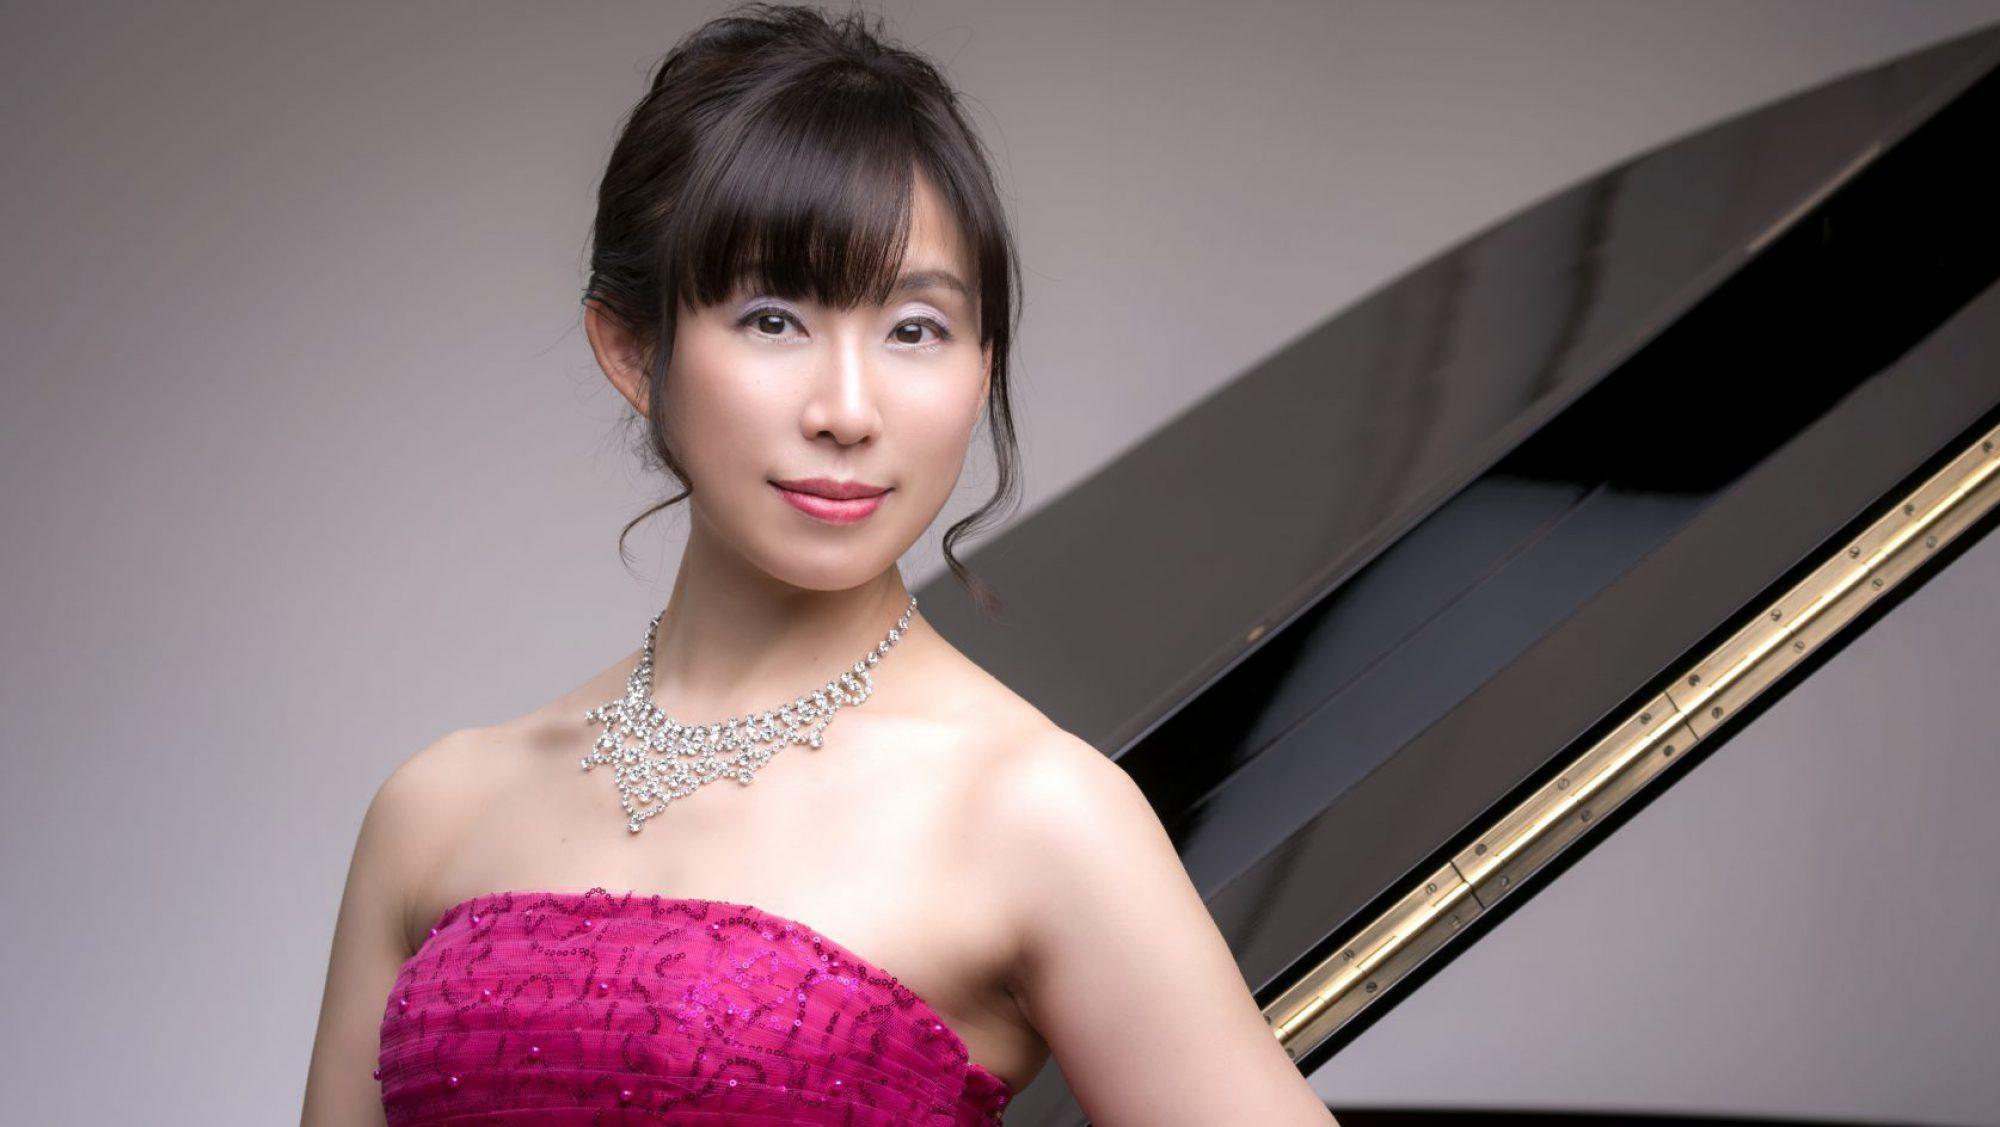 ピアニスト 長崎結美 オフィシャルウェブサイト